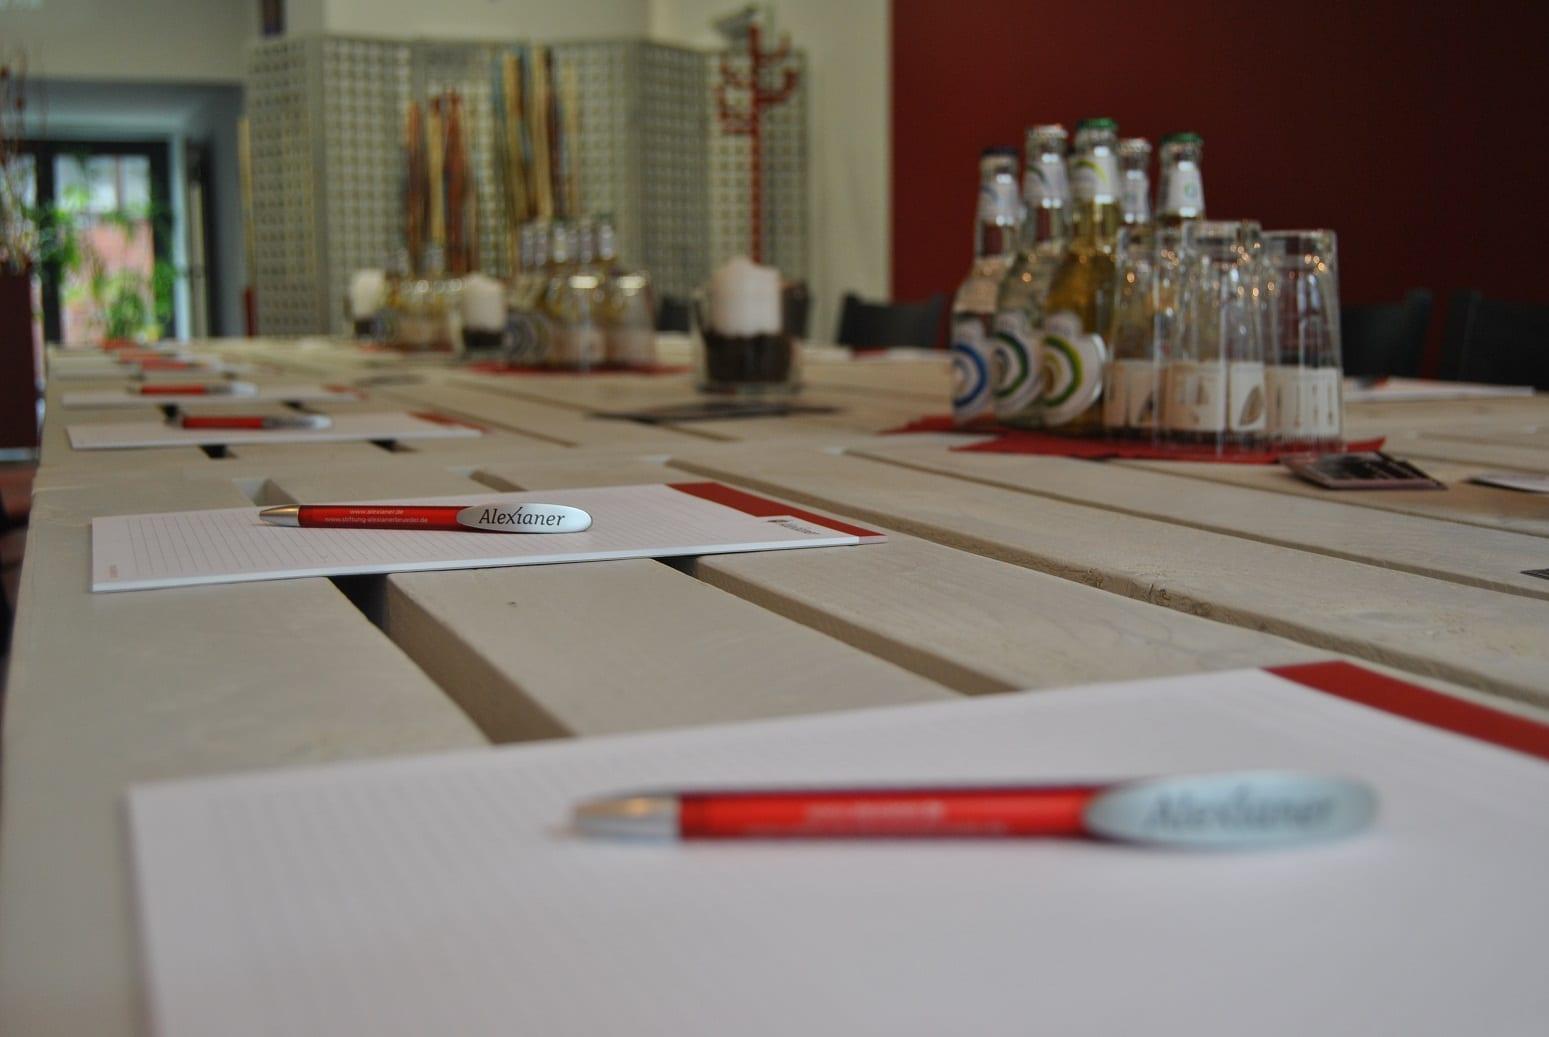 Papierblöcke und Stifte liegen auf einem Tisch.